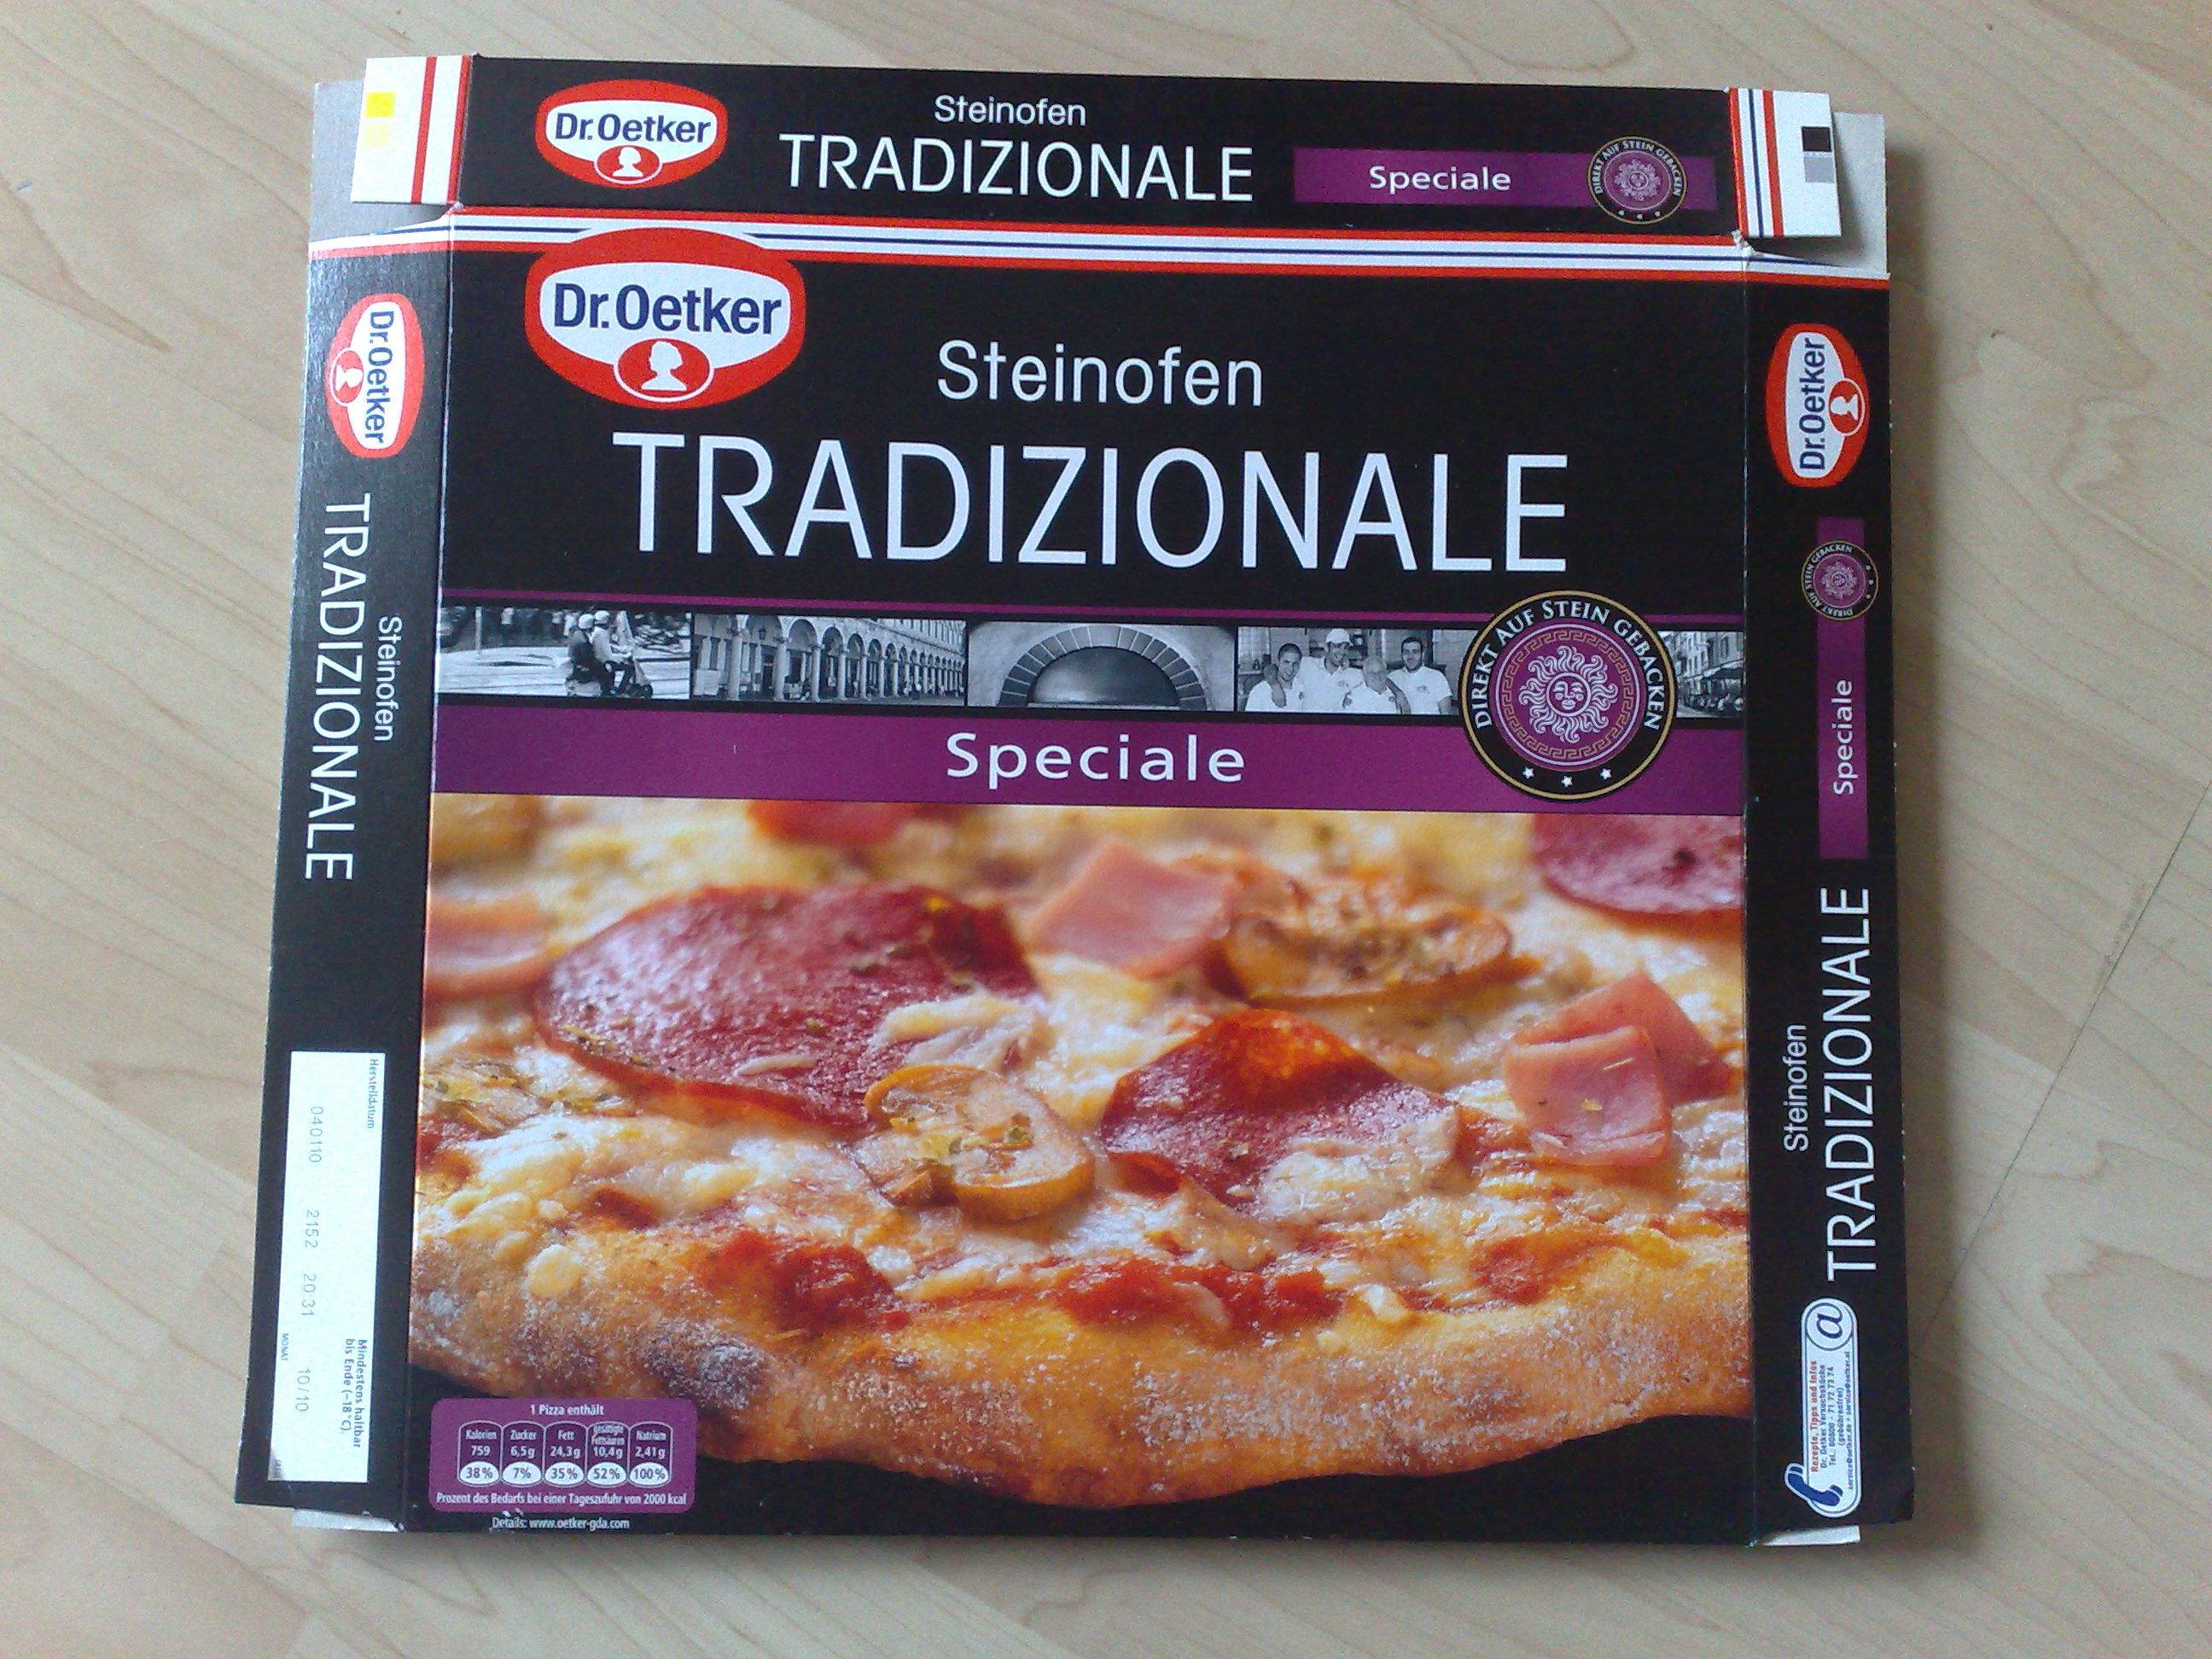 Heute gibts den nächsten trnd Pizza Test von mir, diesmal ist es die Dr. Oetker Tradizionale Speciale, da sie bei Edeka mal wieder nichts anderes hatten.. (Ich hätte heute zu gerne die Diavolo getestet <.<) Aber gut.. Ich wollte so oder so alle 6 Sorten probieren, jetzt kam die Speciale […]